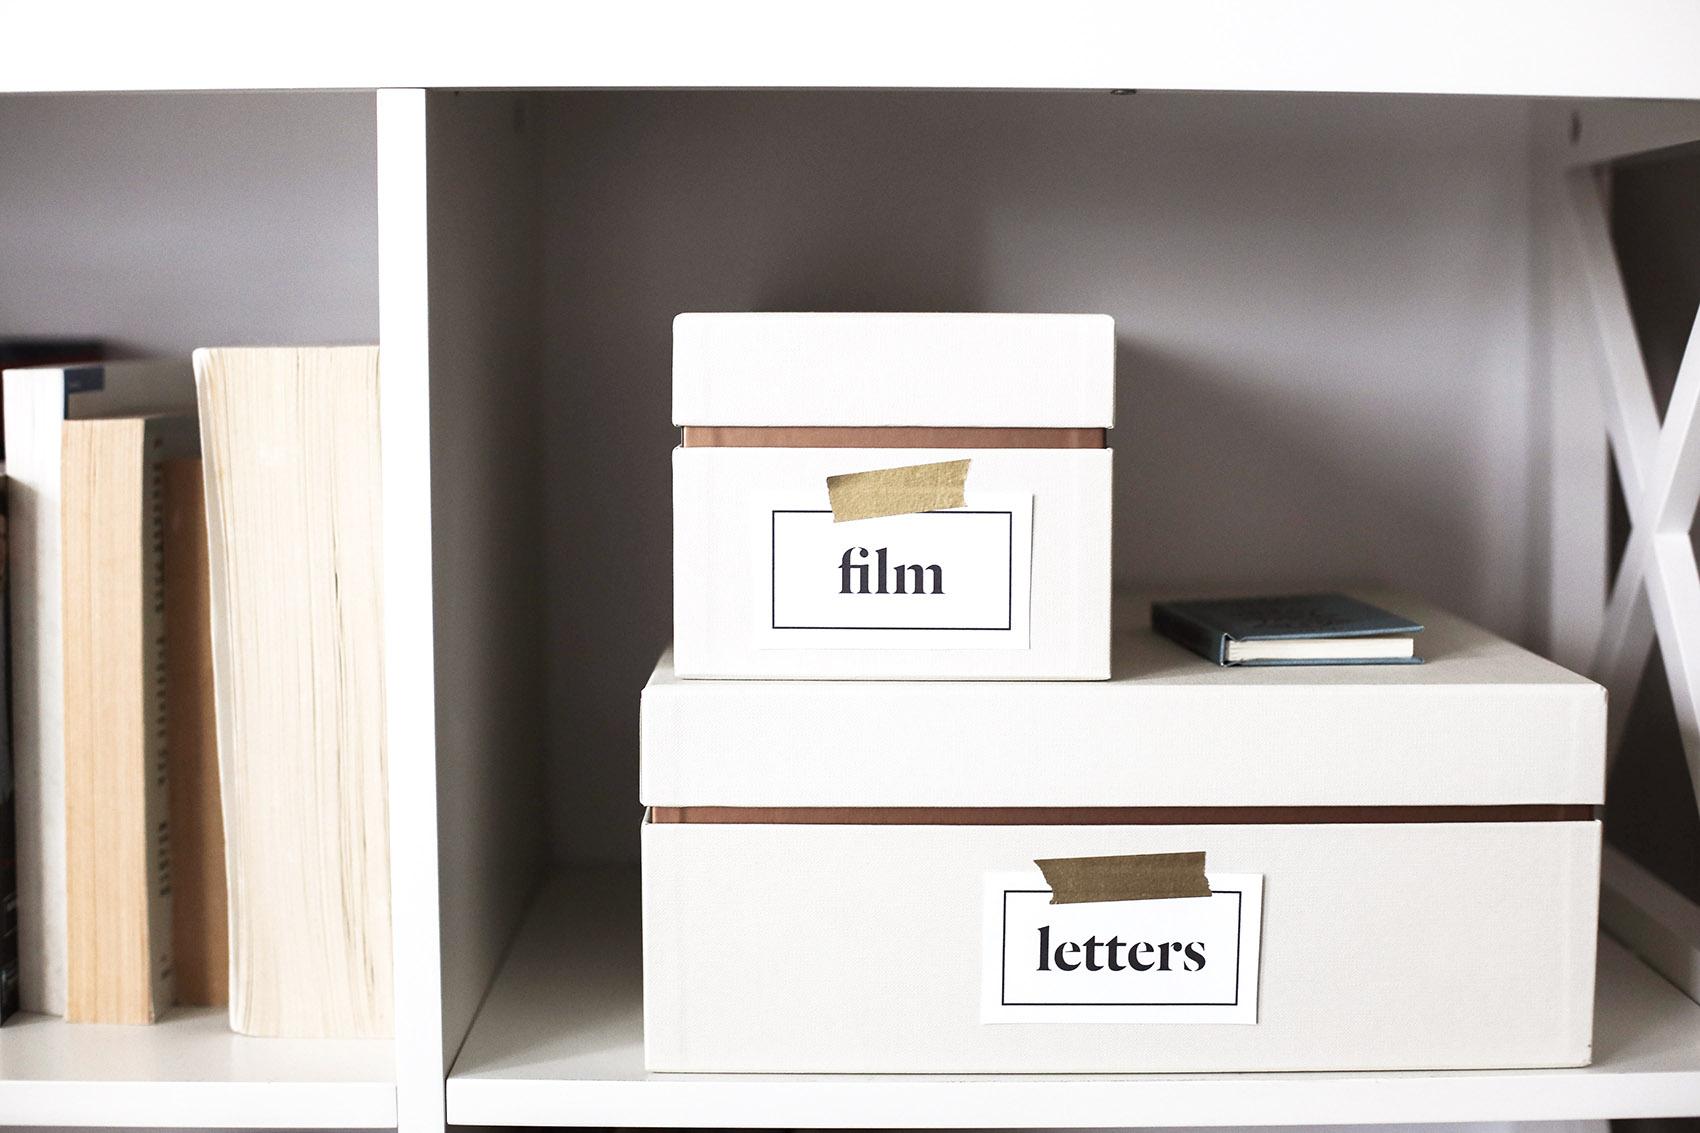 storage-boxes-with-diy-labels-via-victoriamstudio